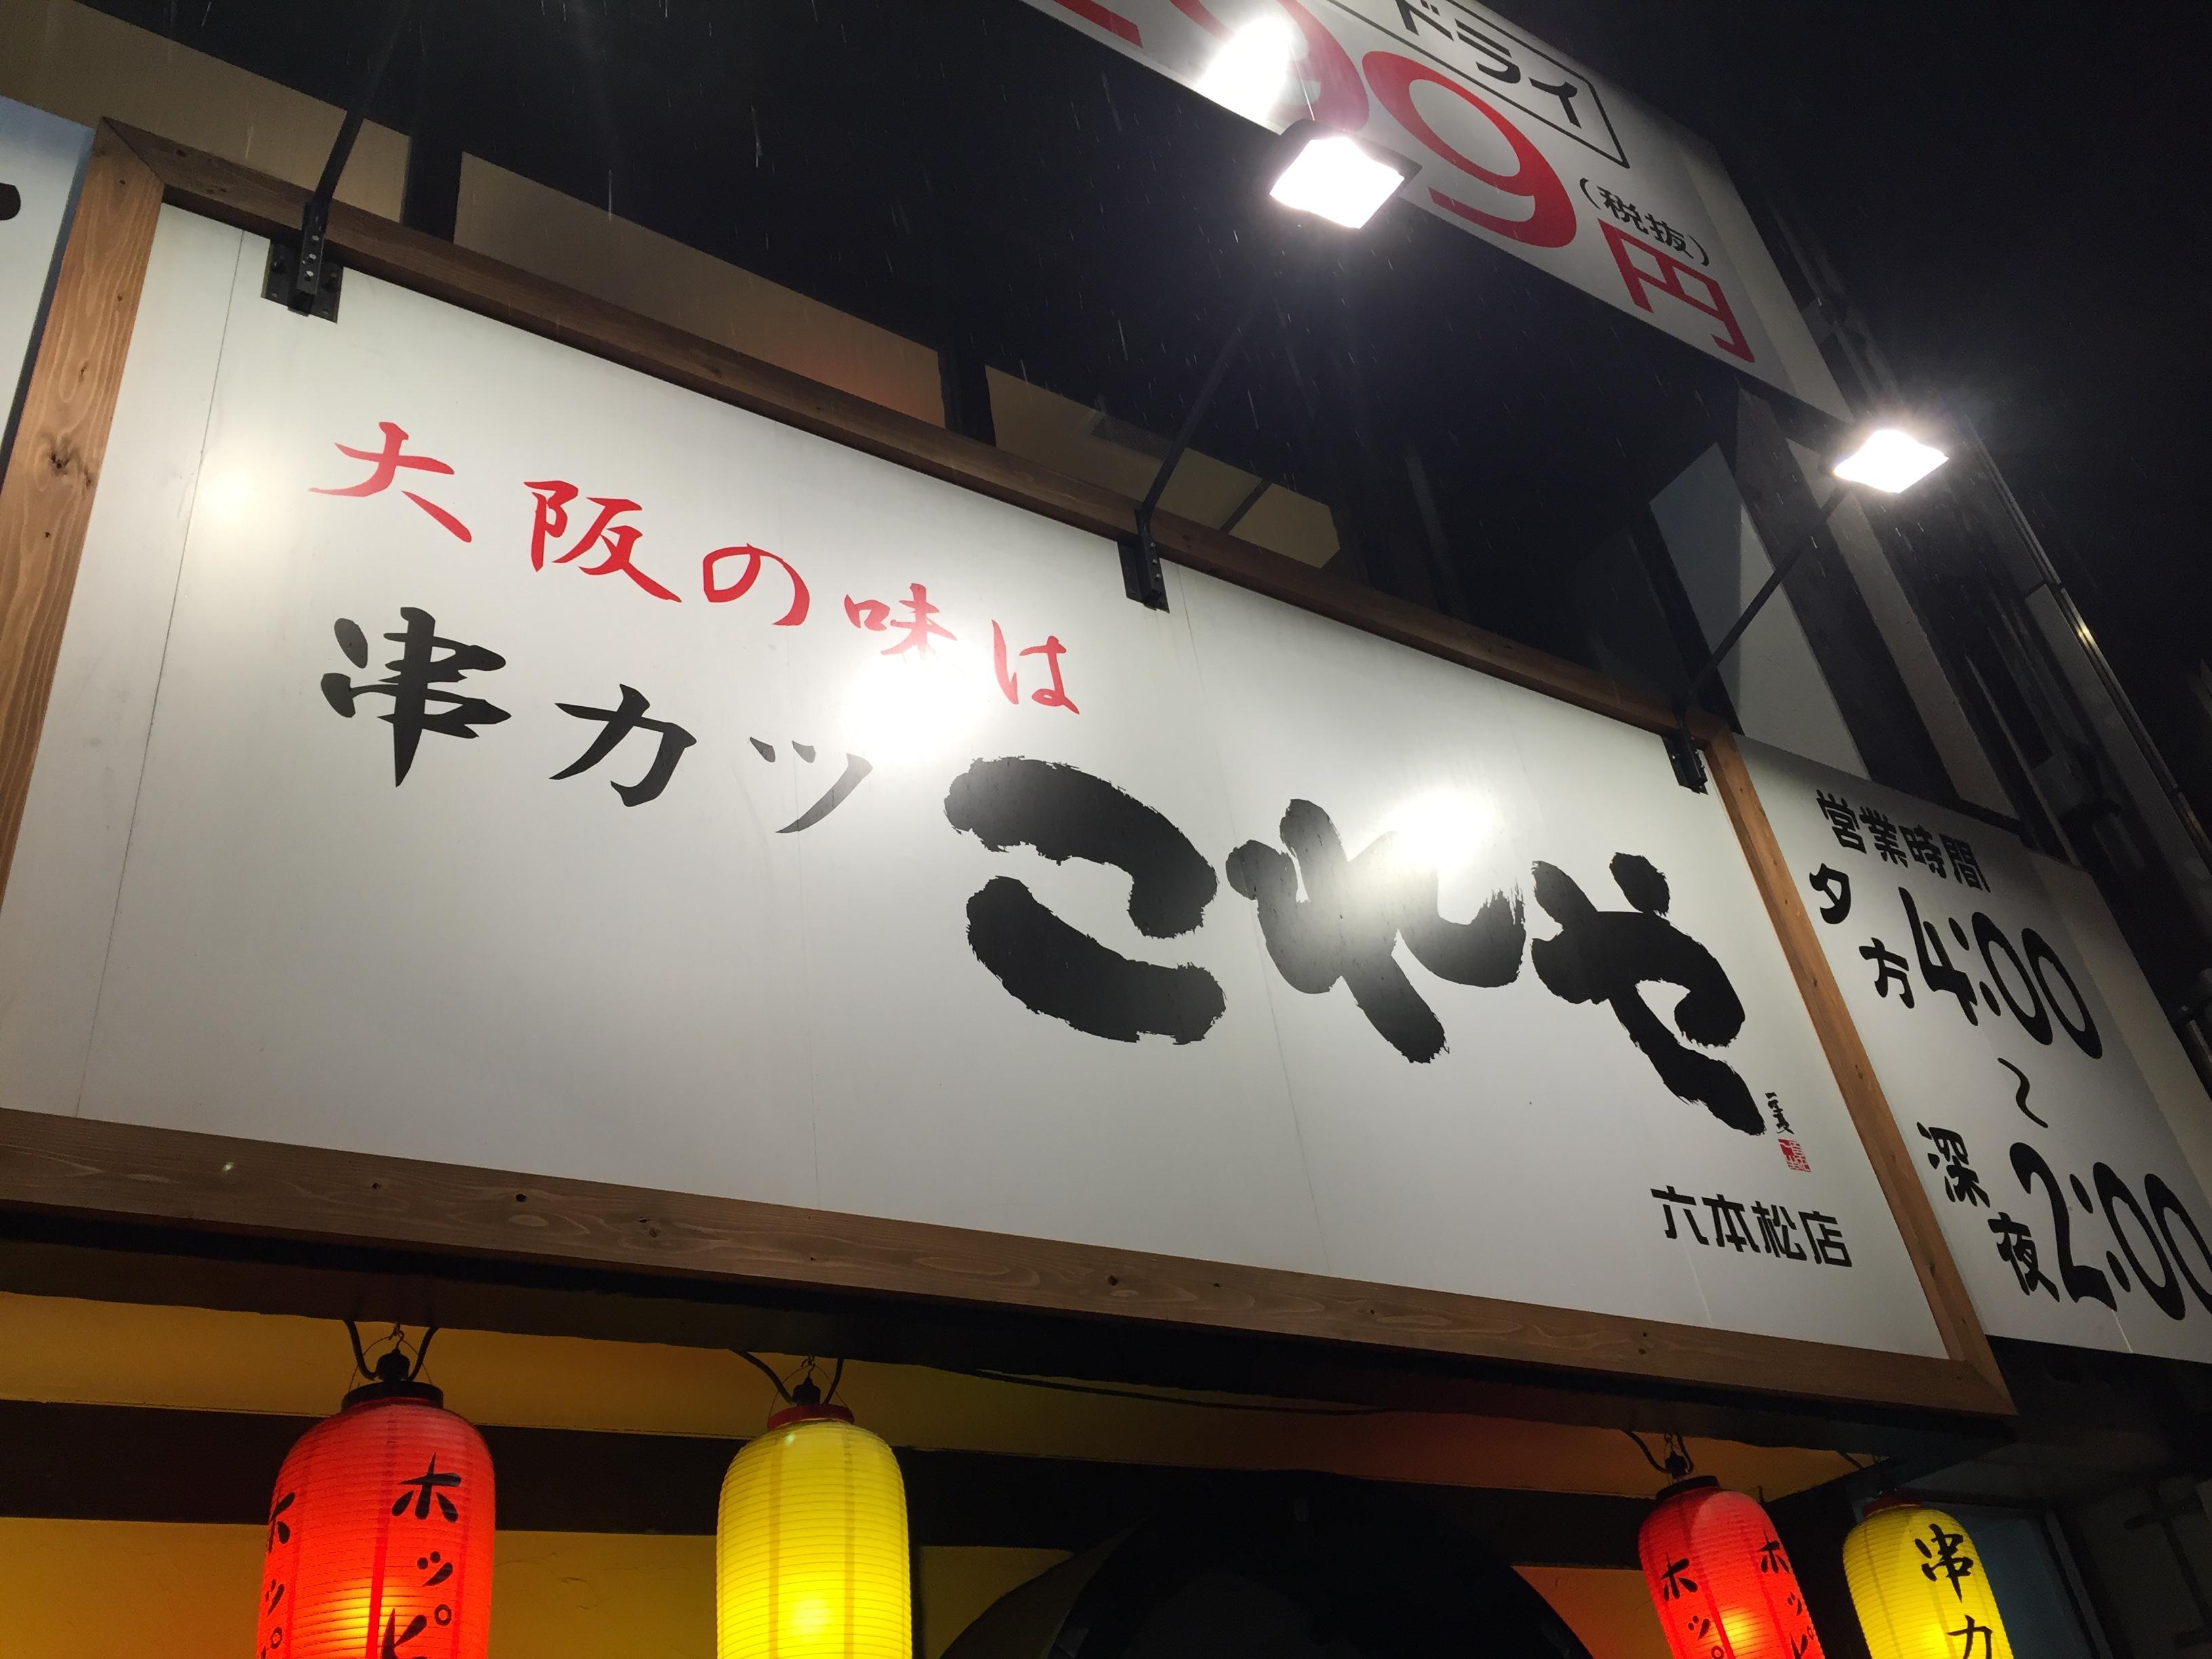 大阪の味はこれや! 串カツ居酒屋 「これや」 六本松店